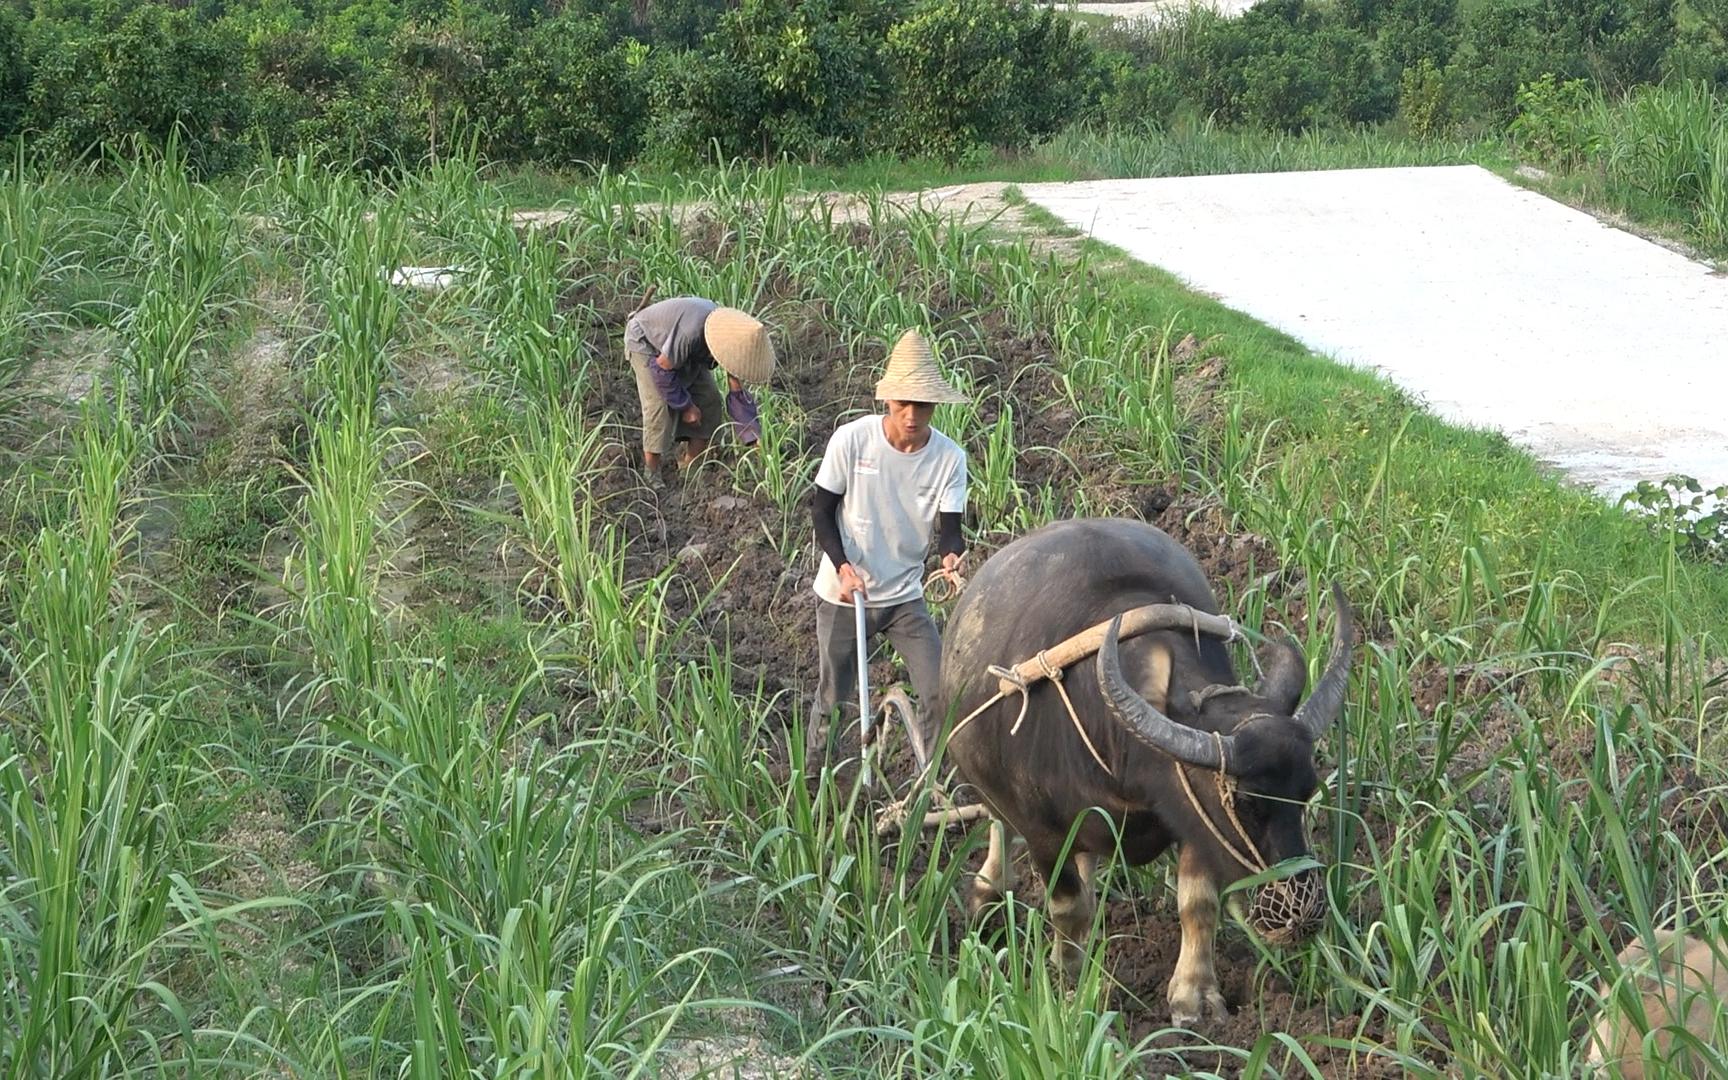 小明和姑父帮人犁地赚钱,一天能挣一百多,一般人真不愿意干